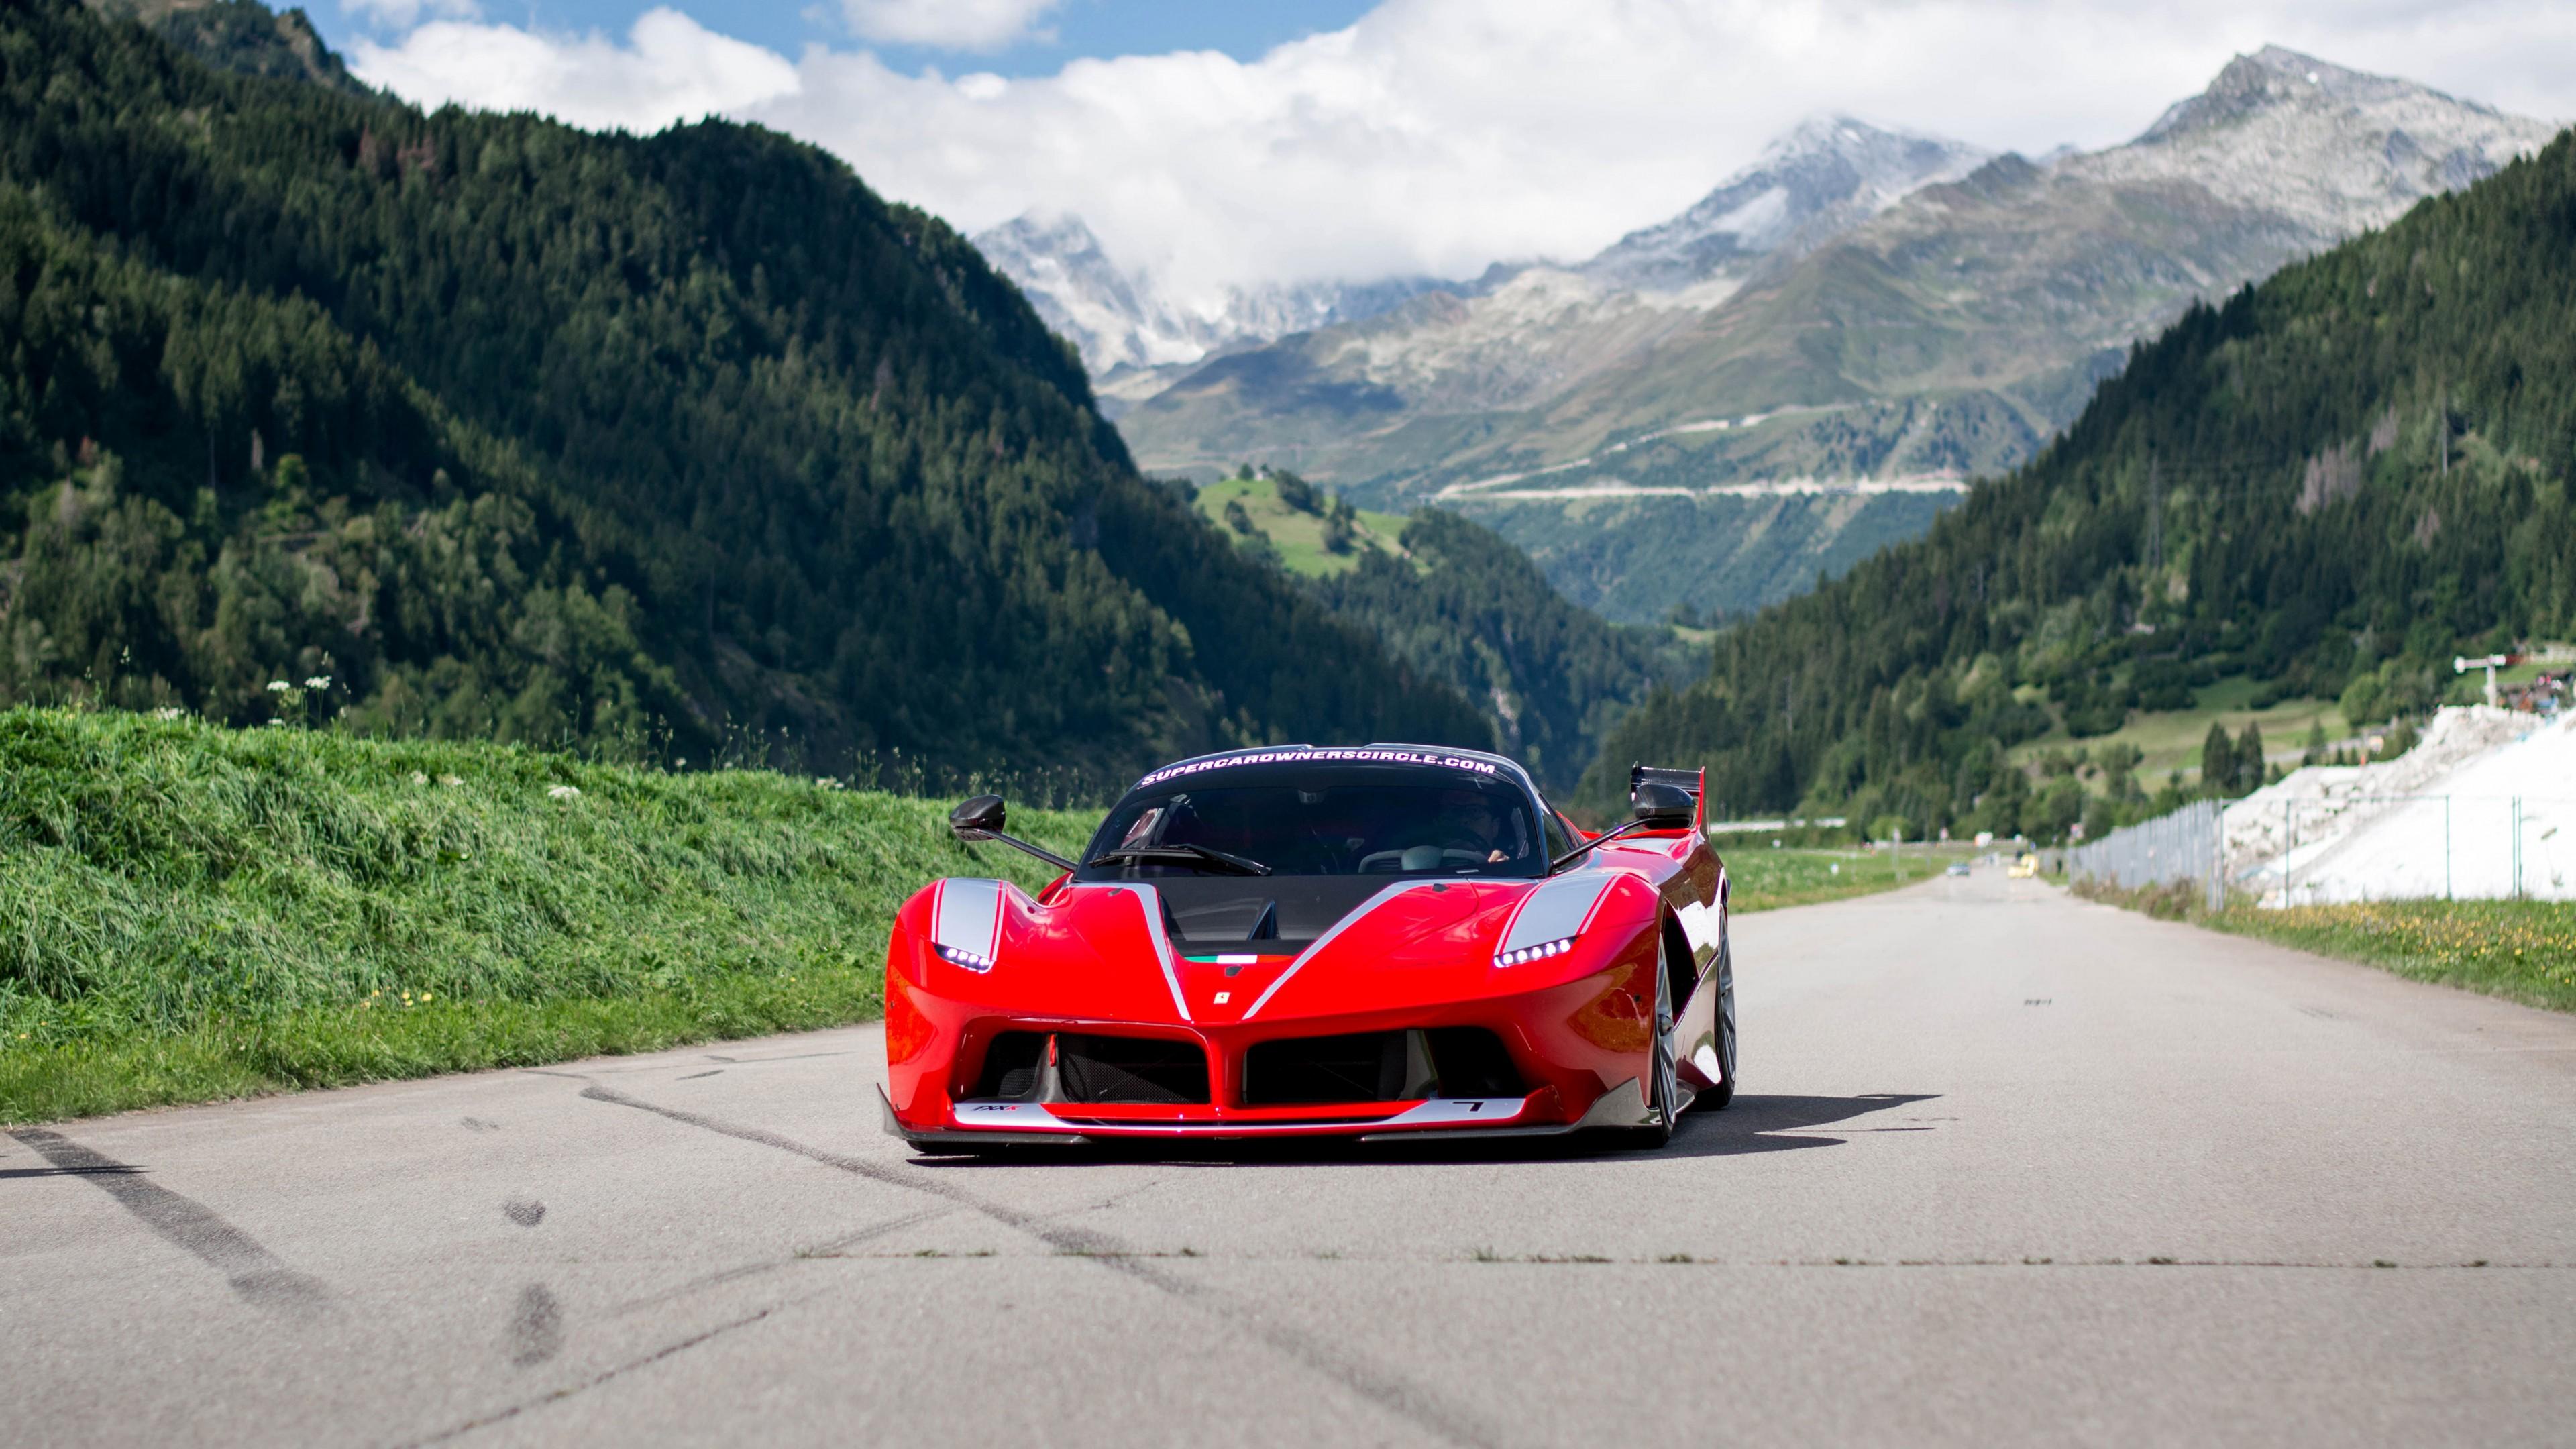 Bmw Cars Wallpapers Hd 2014 2017 Ferrari Fxx K 4k Wallpaper Hd Car Wallpapers Id 8805